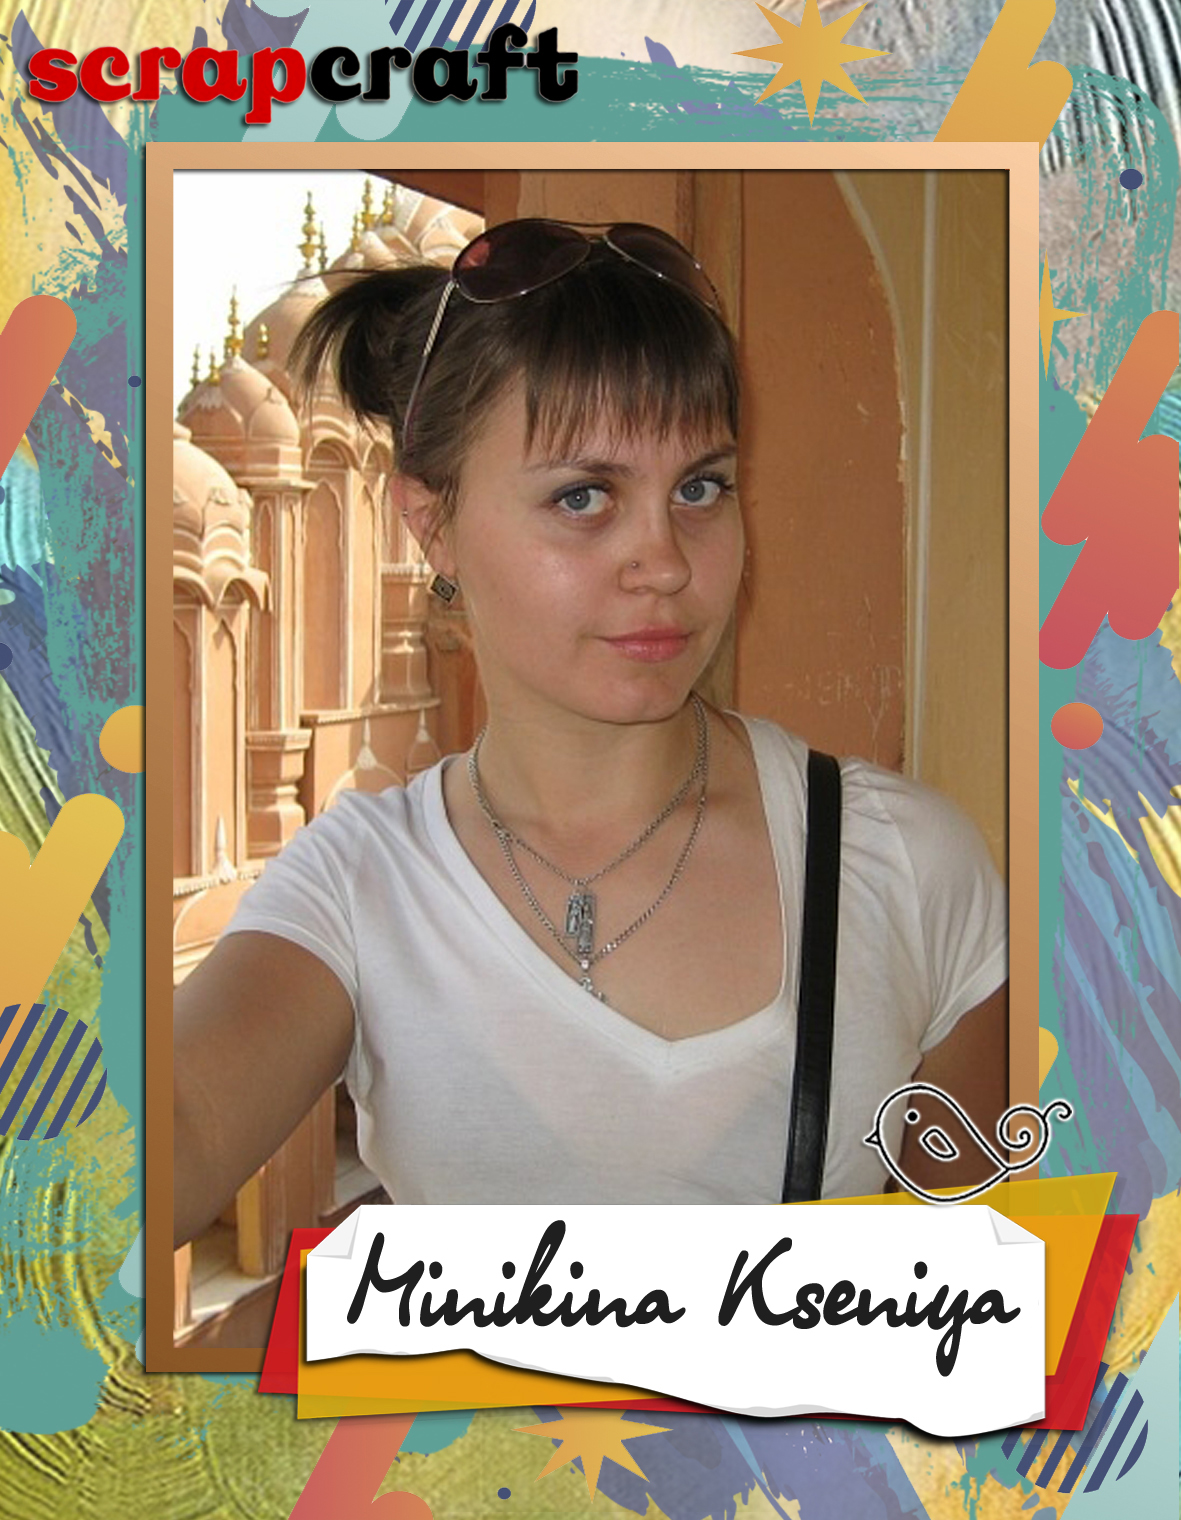 Minikina Ksenia